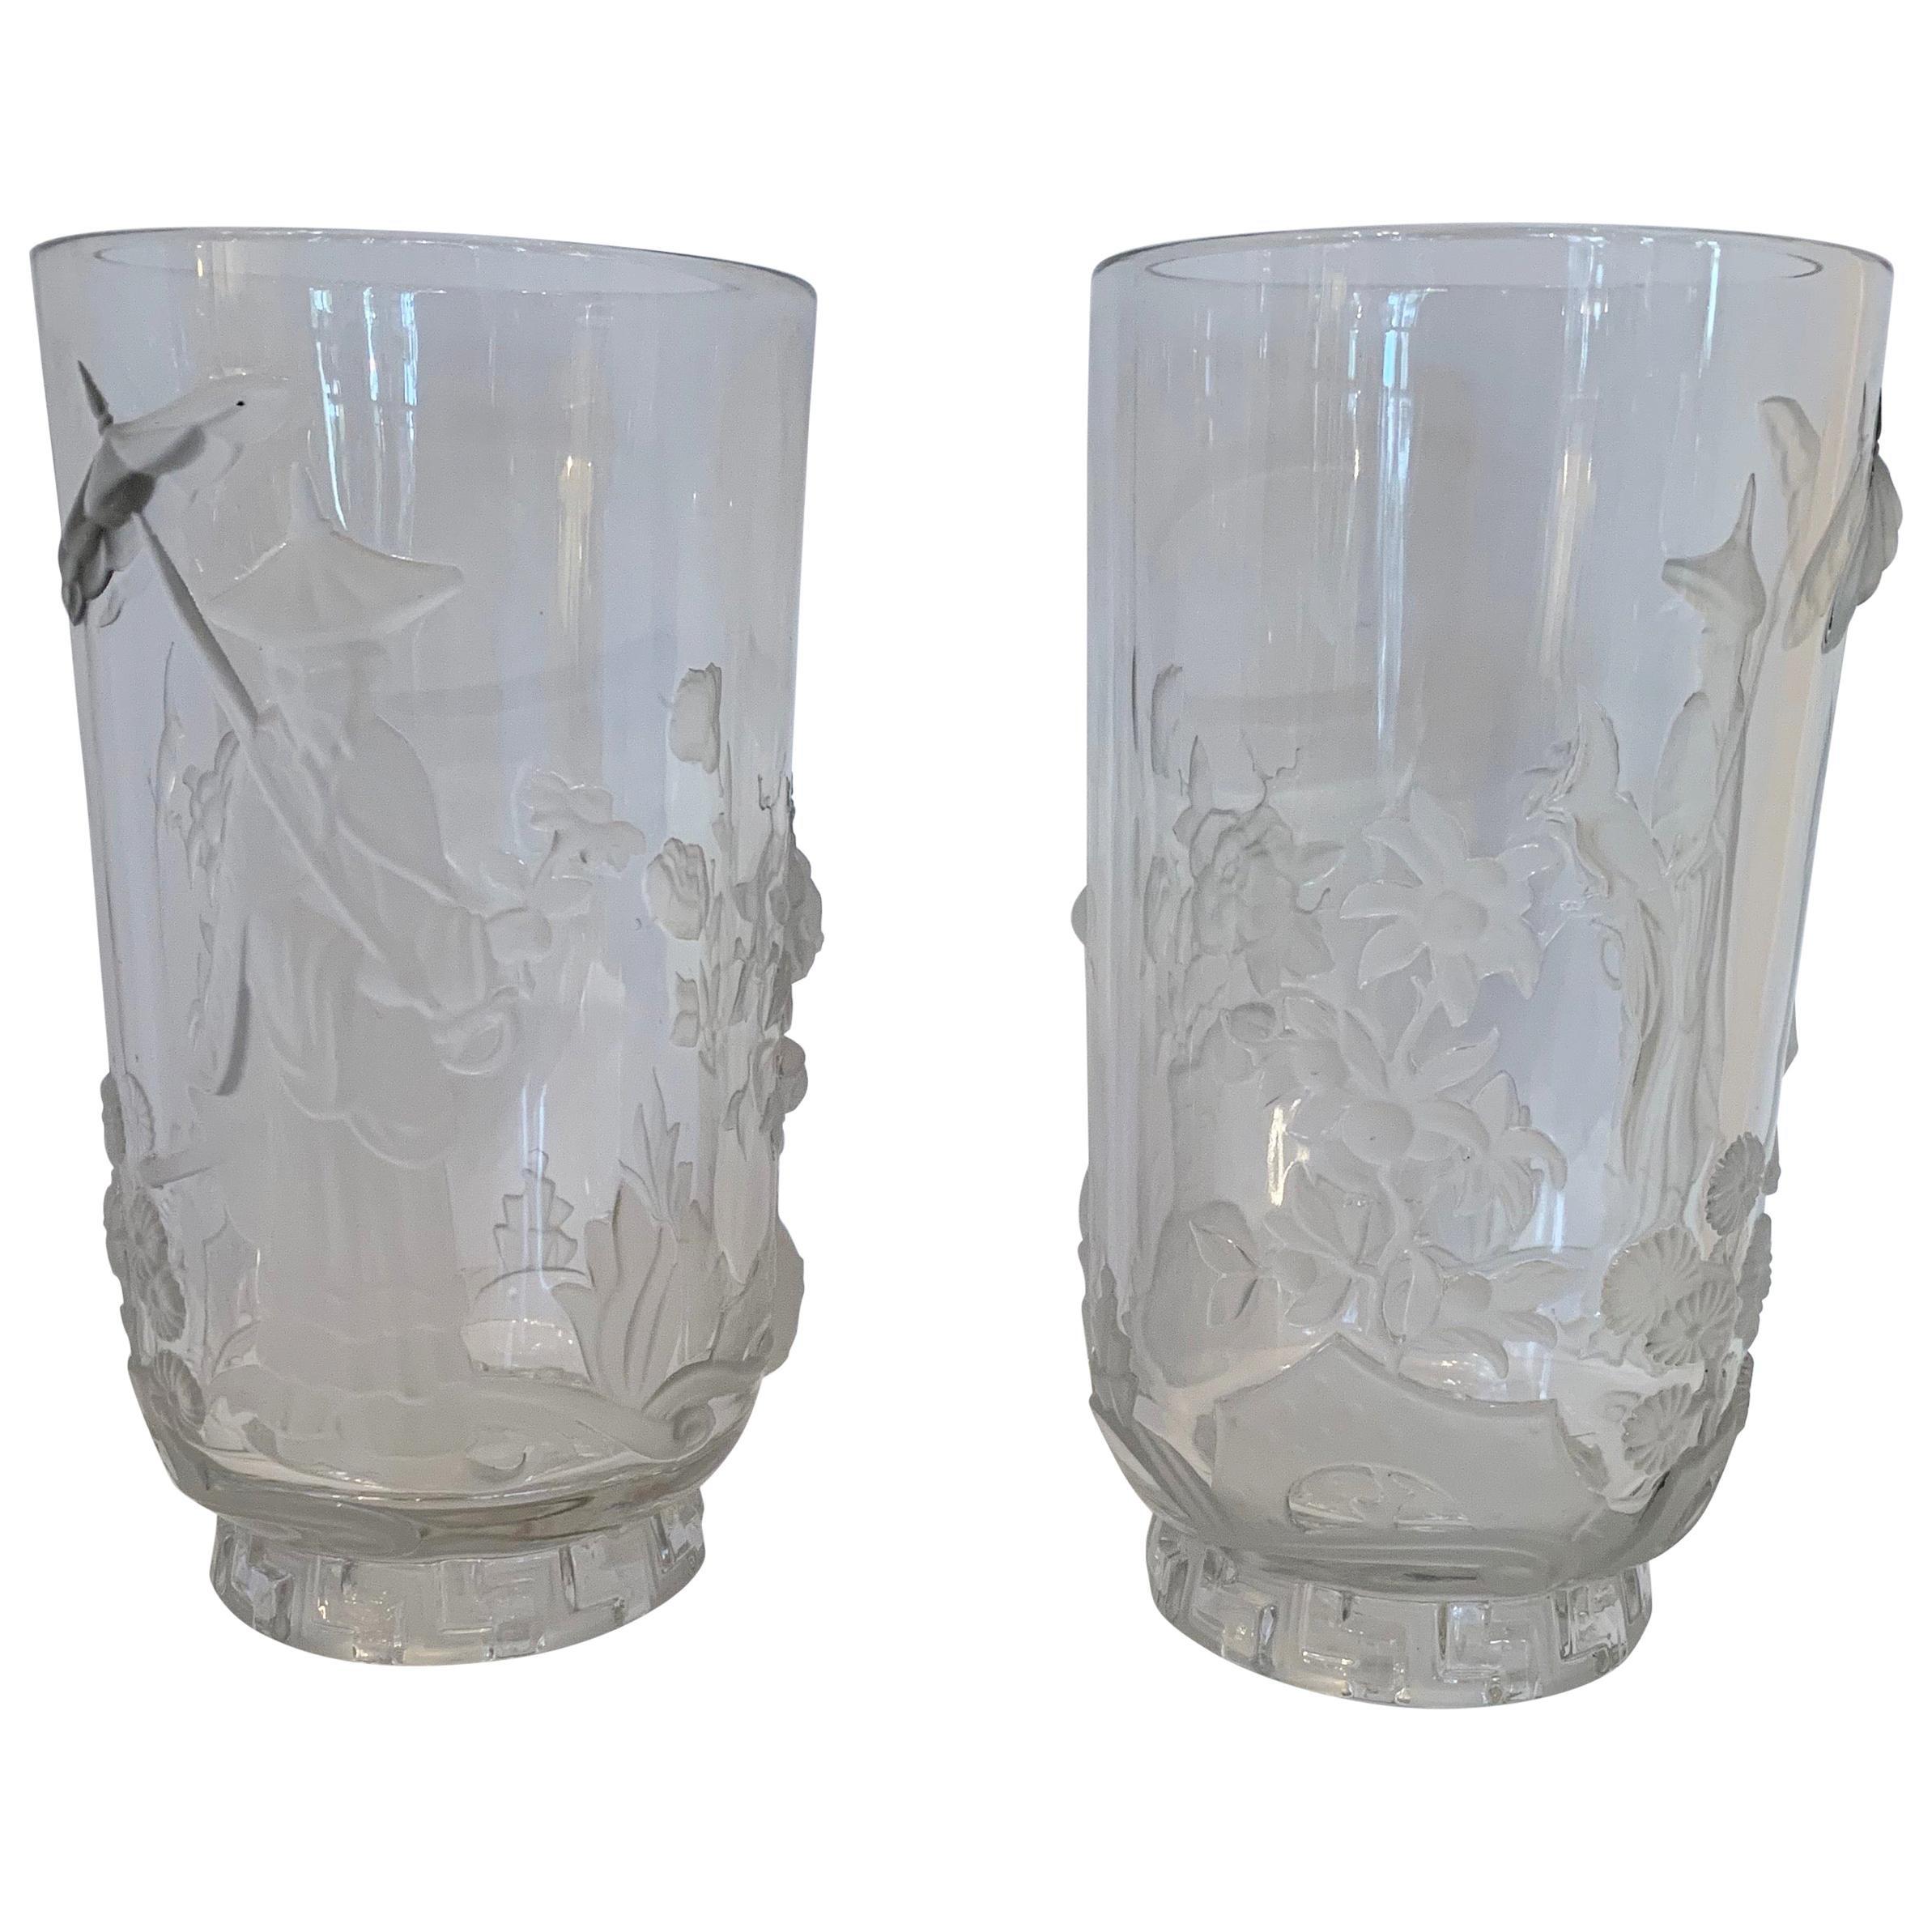 Wonderful Pair of Verlys Art Glass Mandarin Chinoiserie Vases